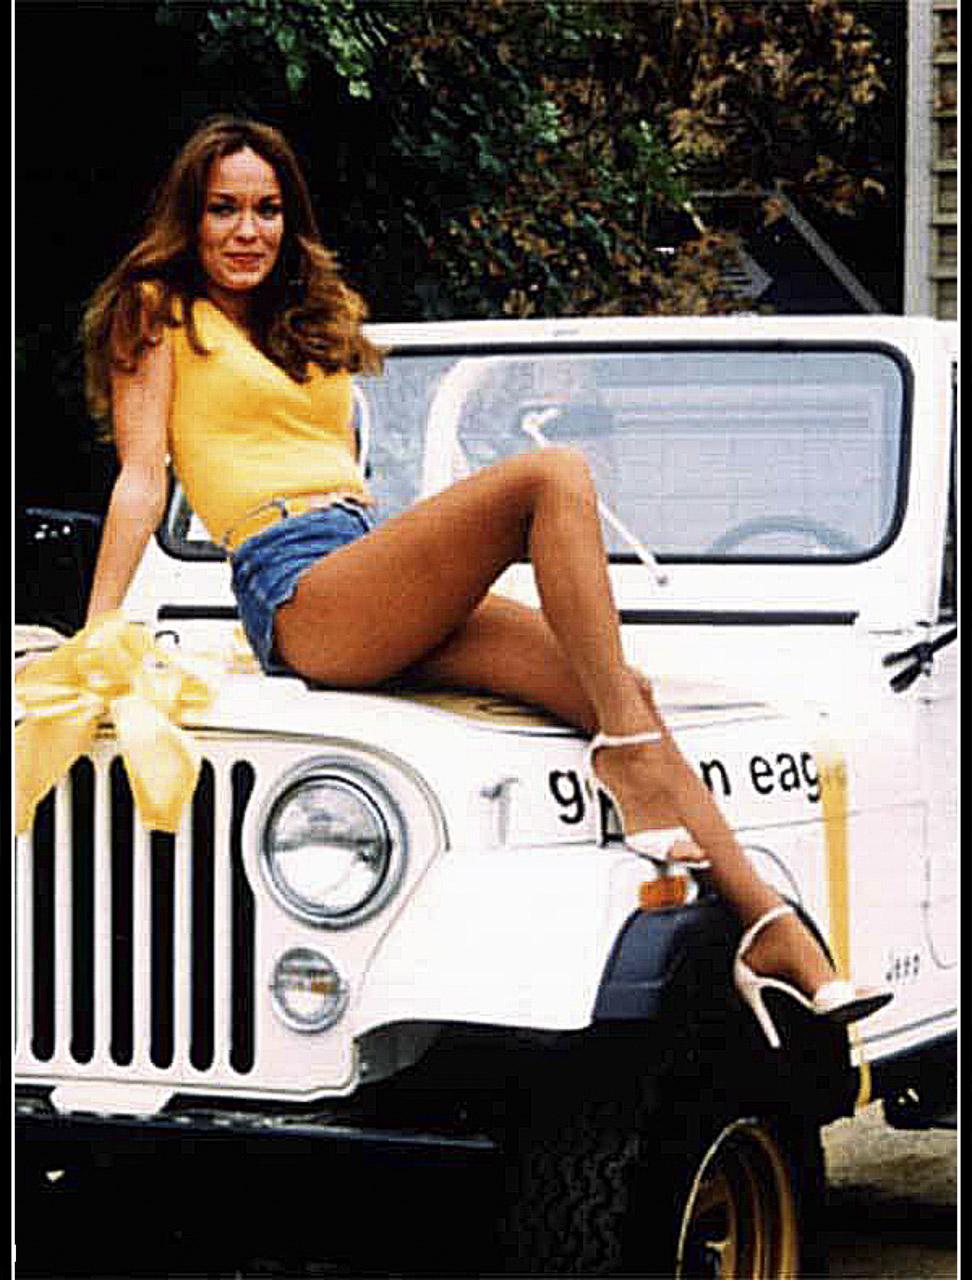 La version Golden eagle sera la plus célèbre des versions et série limitées de cette époque en grande partie grâce à l'actrice Catherine Bach qui interpréta durant 147 épisodes Daisy la sœur des turbulent frères de la famille Duke du feuilleton télévisé Shérif fais-moi peur. Sa voiture était un version Golden eagle blanche surnommée Dixxie. Elle trône aujourd'hui dans un musée de Hazzard à Nashville.